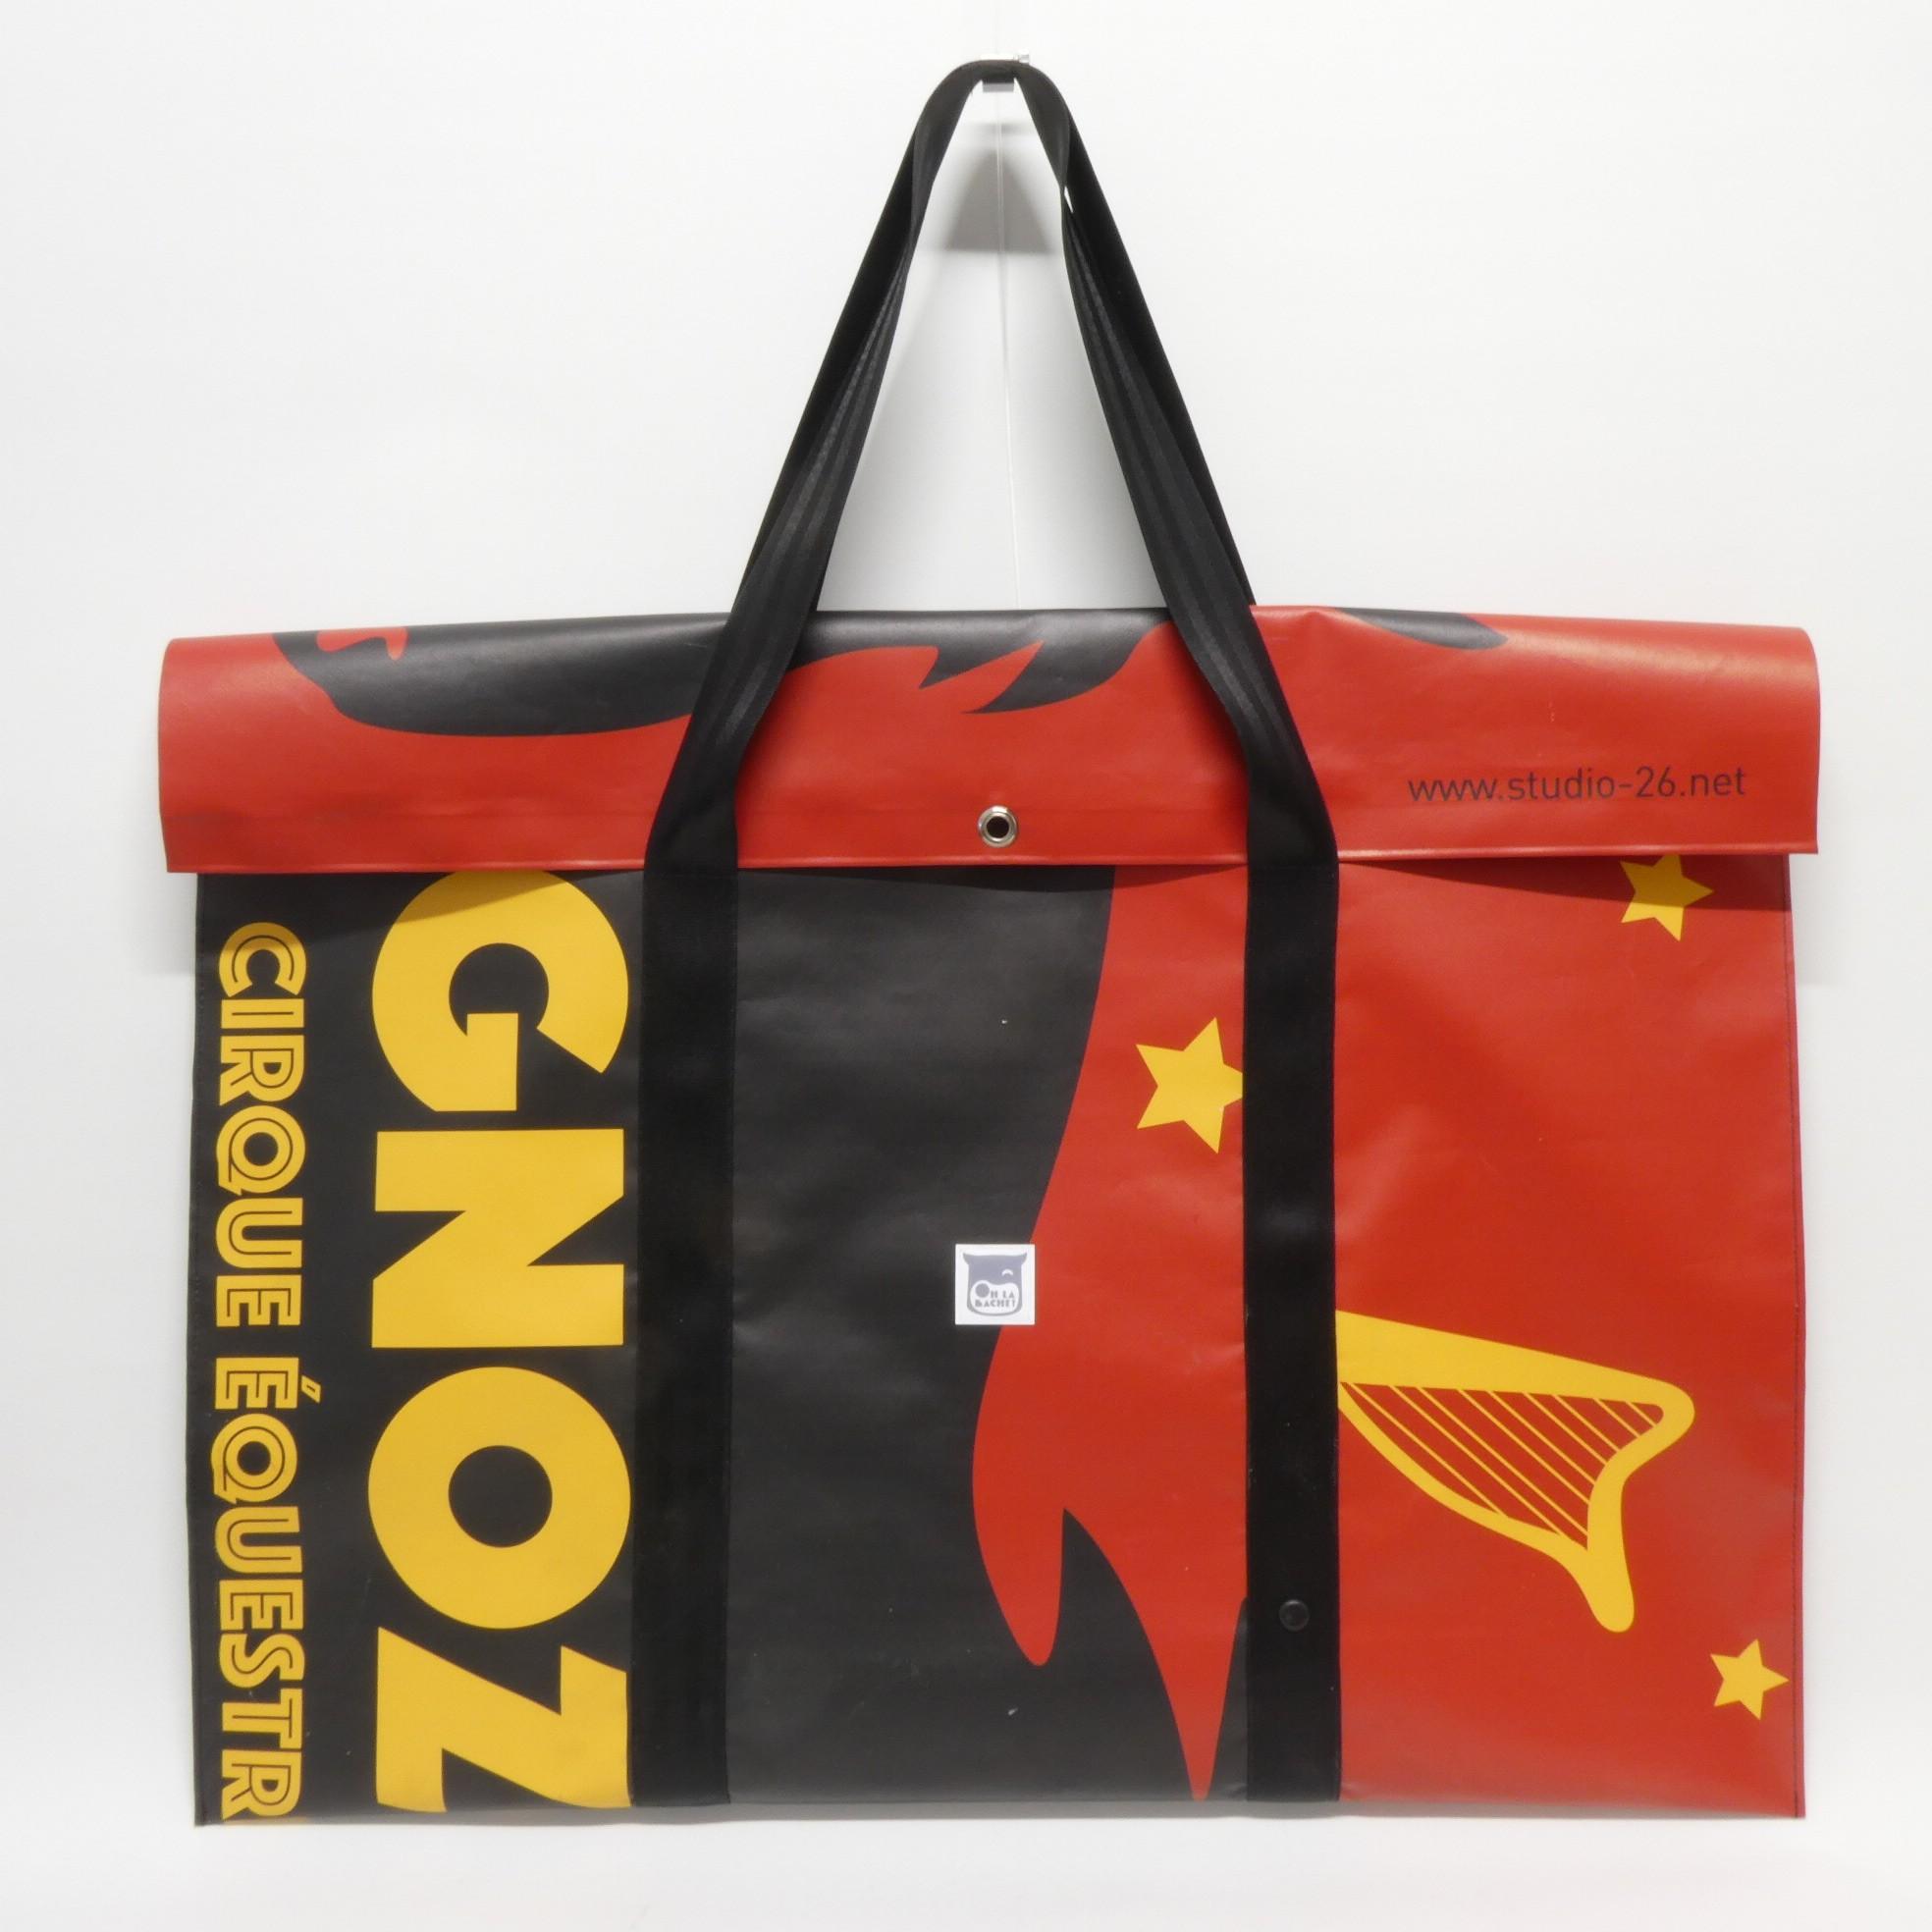 PAULIN sac de transport dessins by Oh la bâche